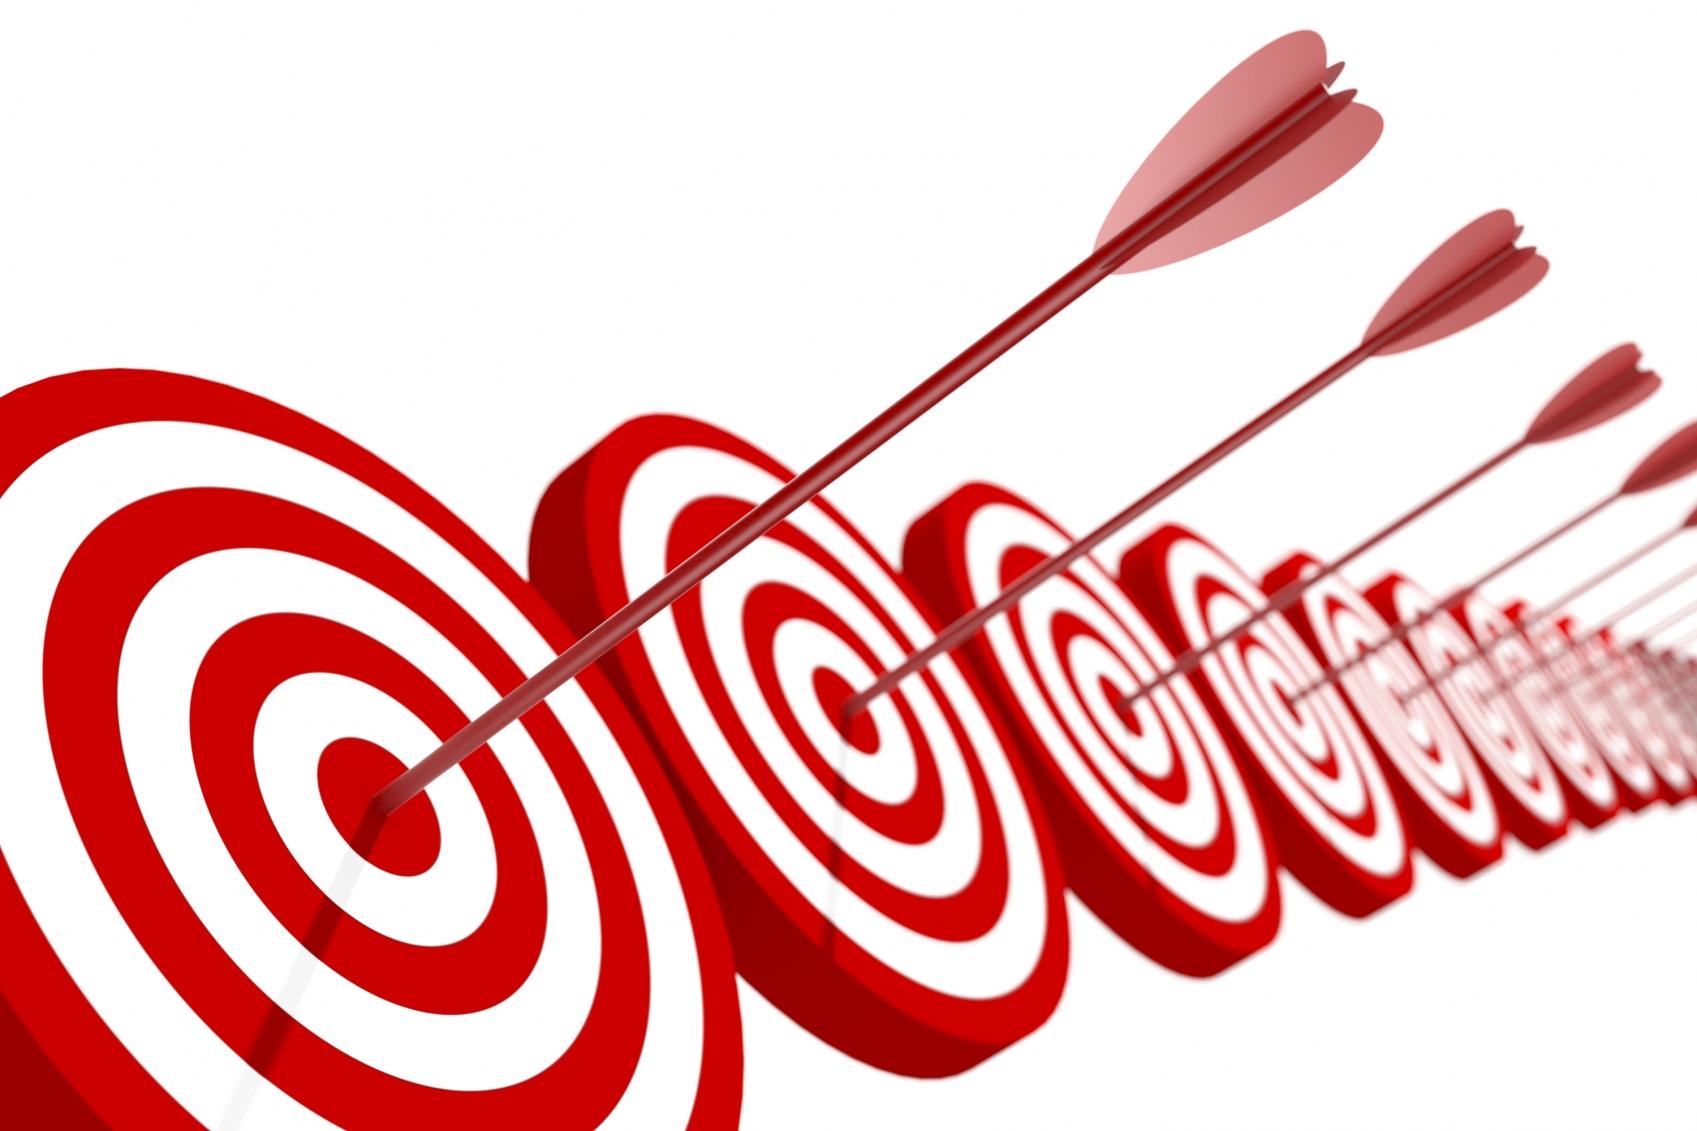 மகிழ்ச்சியாக இருக்க, ஹார்வர்டு பின்பற்றச்சொல்லும் 20 வழிகள் ! On-target